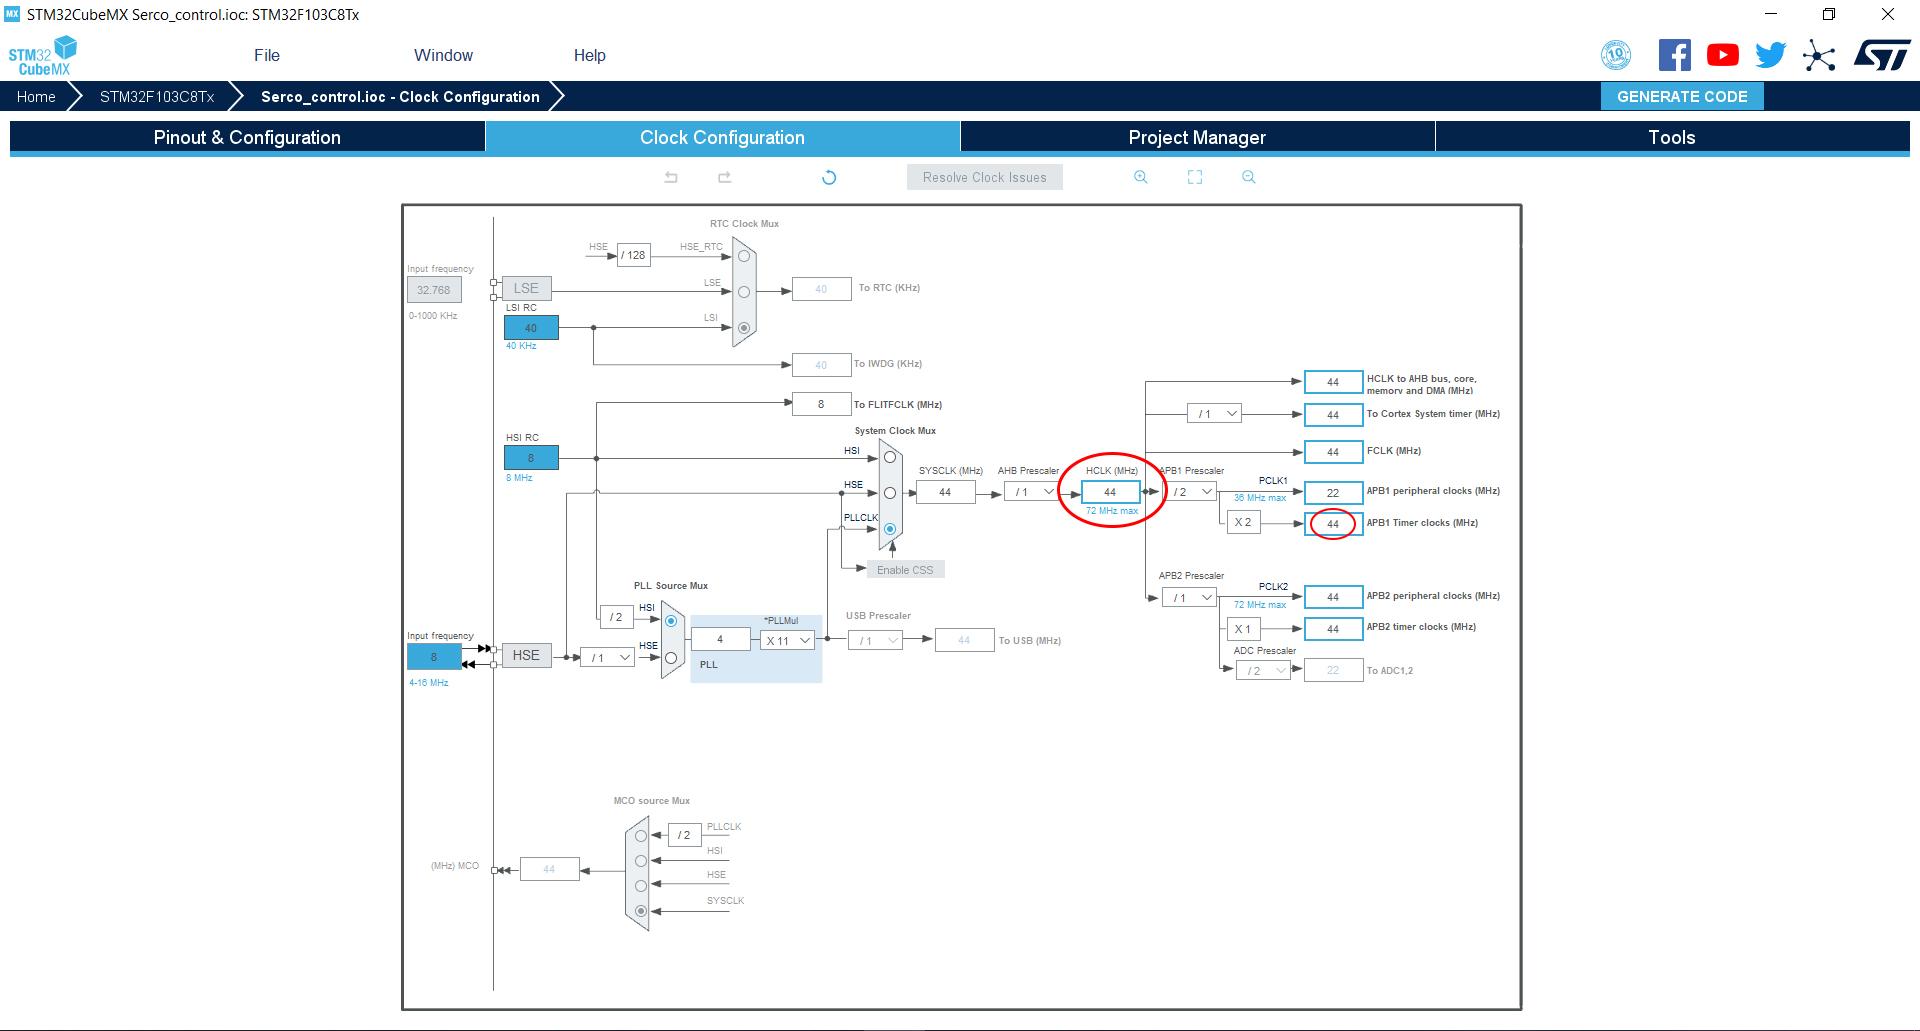 تنظیمات نرم افزار STM32 برای راه اندازی سرو با STM32 - دیجی اسپارک